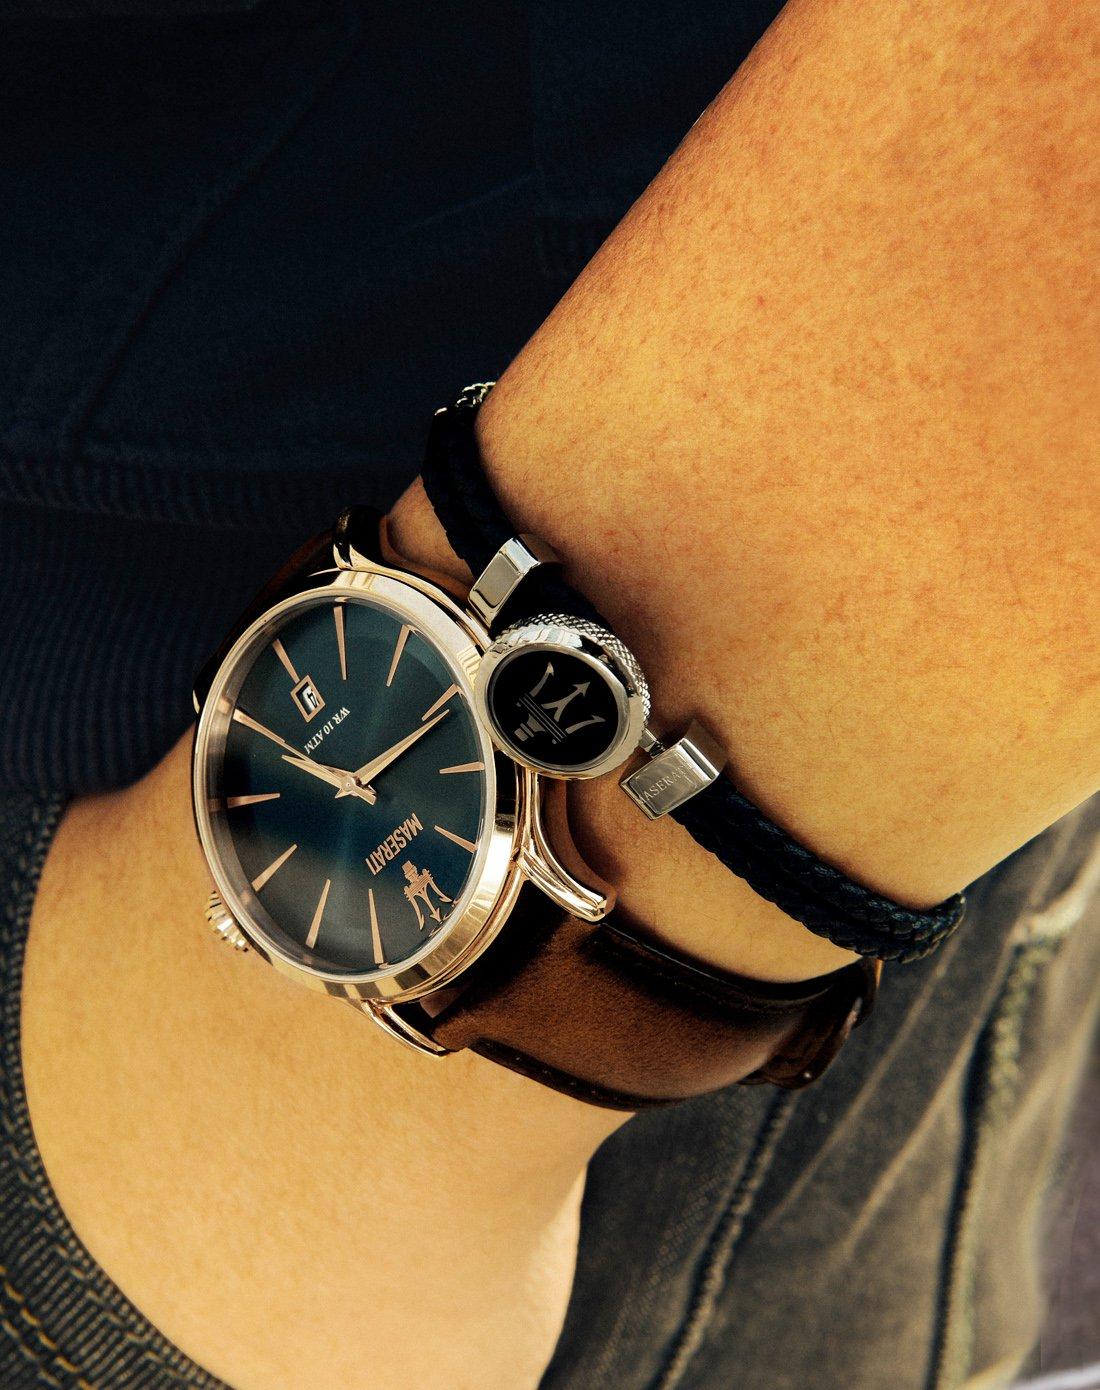 玛莎拉蒂手表配饰黑色皮革手链